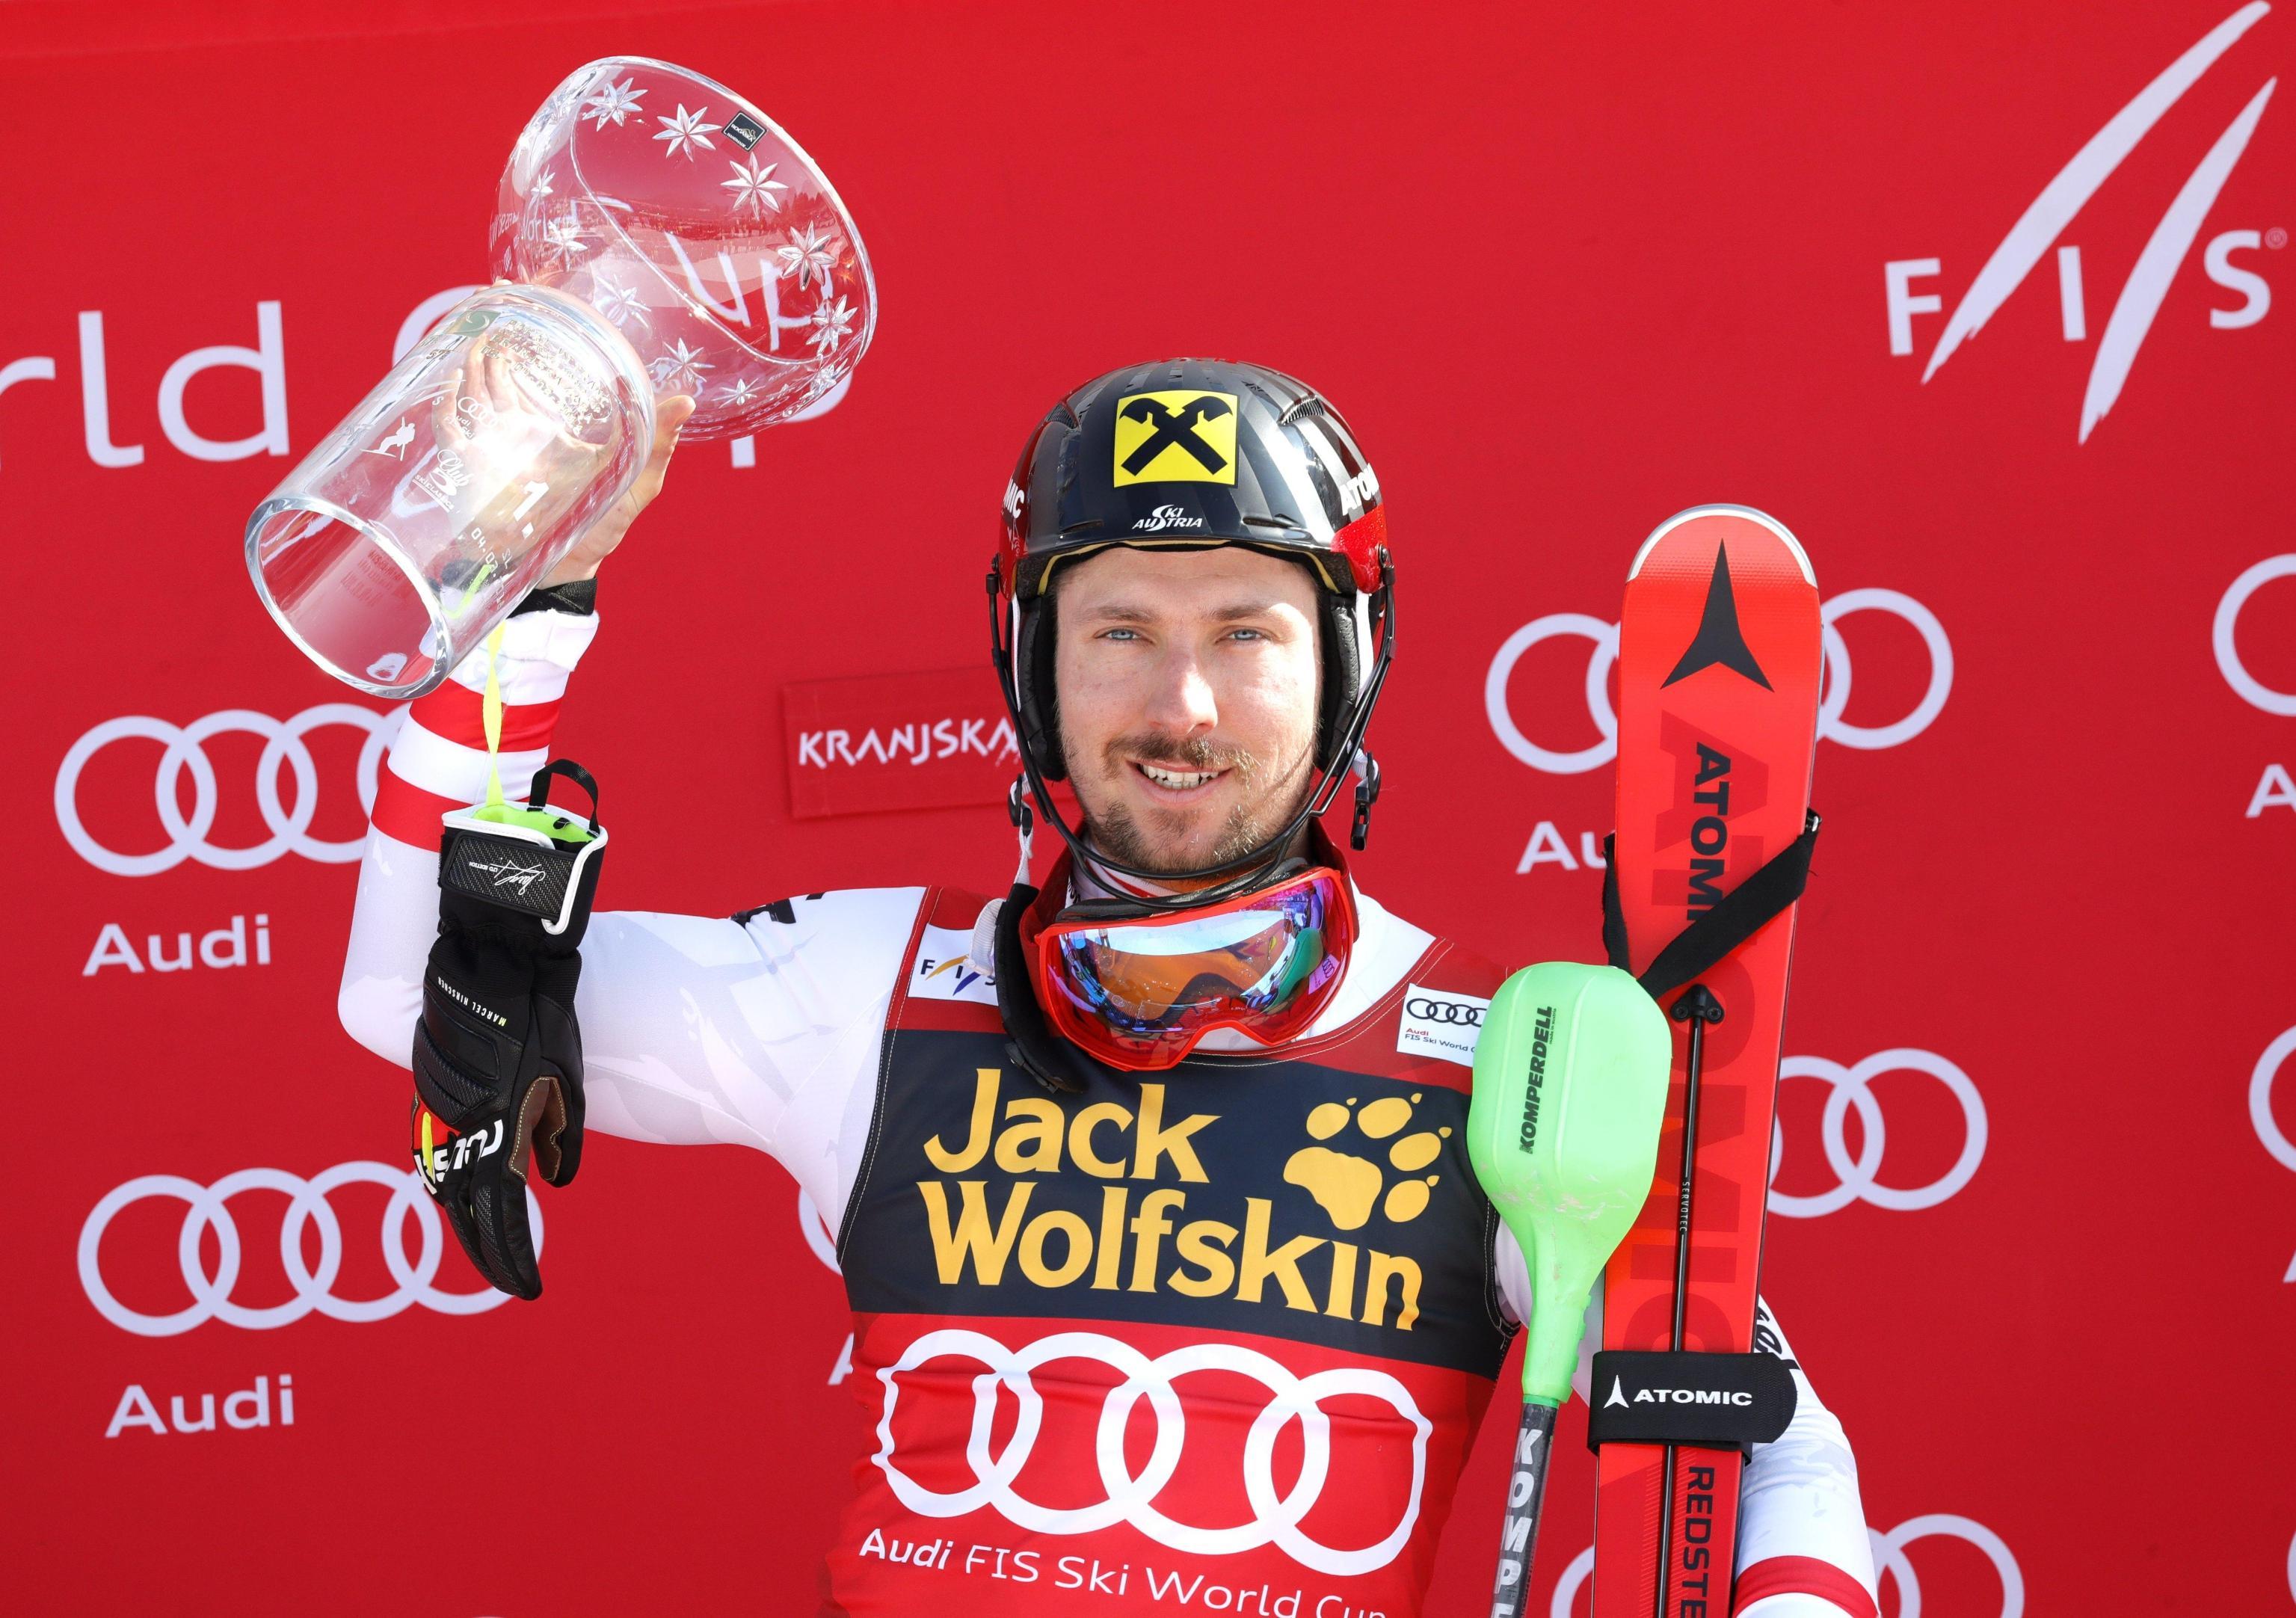 Mondiali Sci 2020 Calendario.Sci Alpino Maschile Coppa Del Mondo 2018 2019 Il